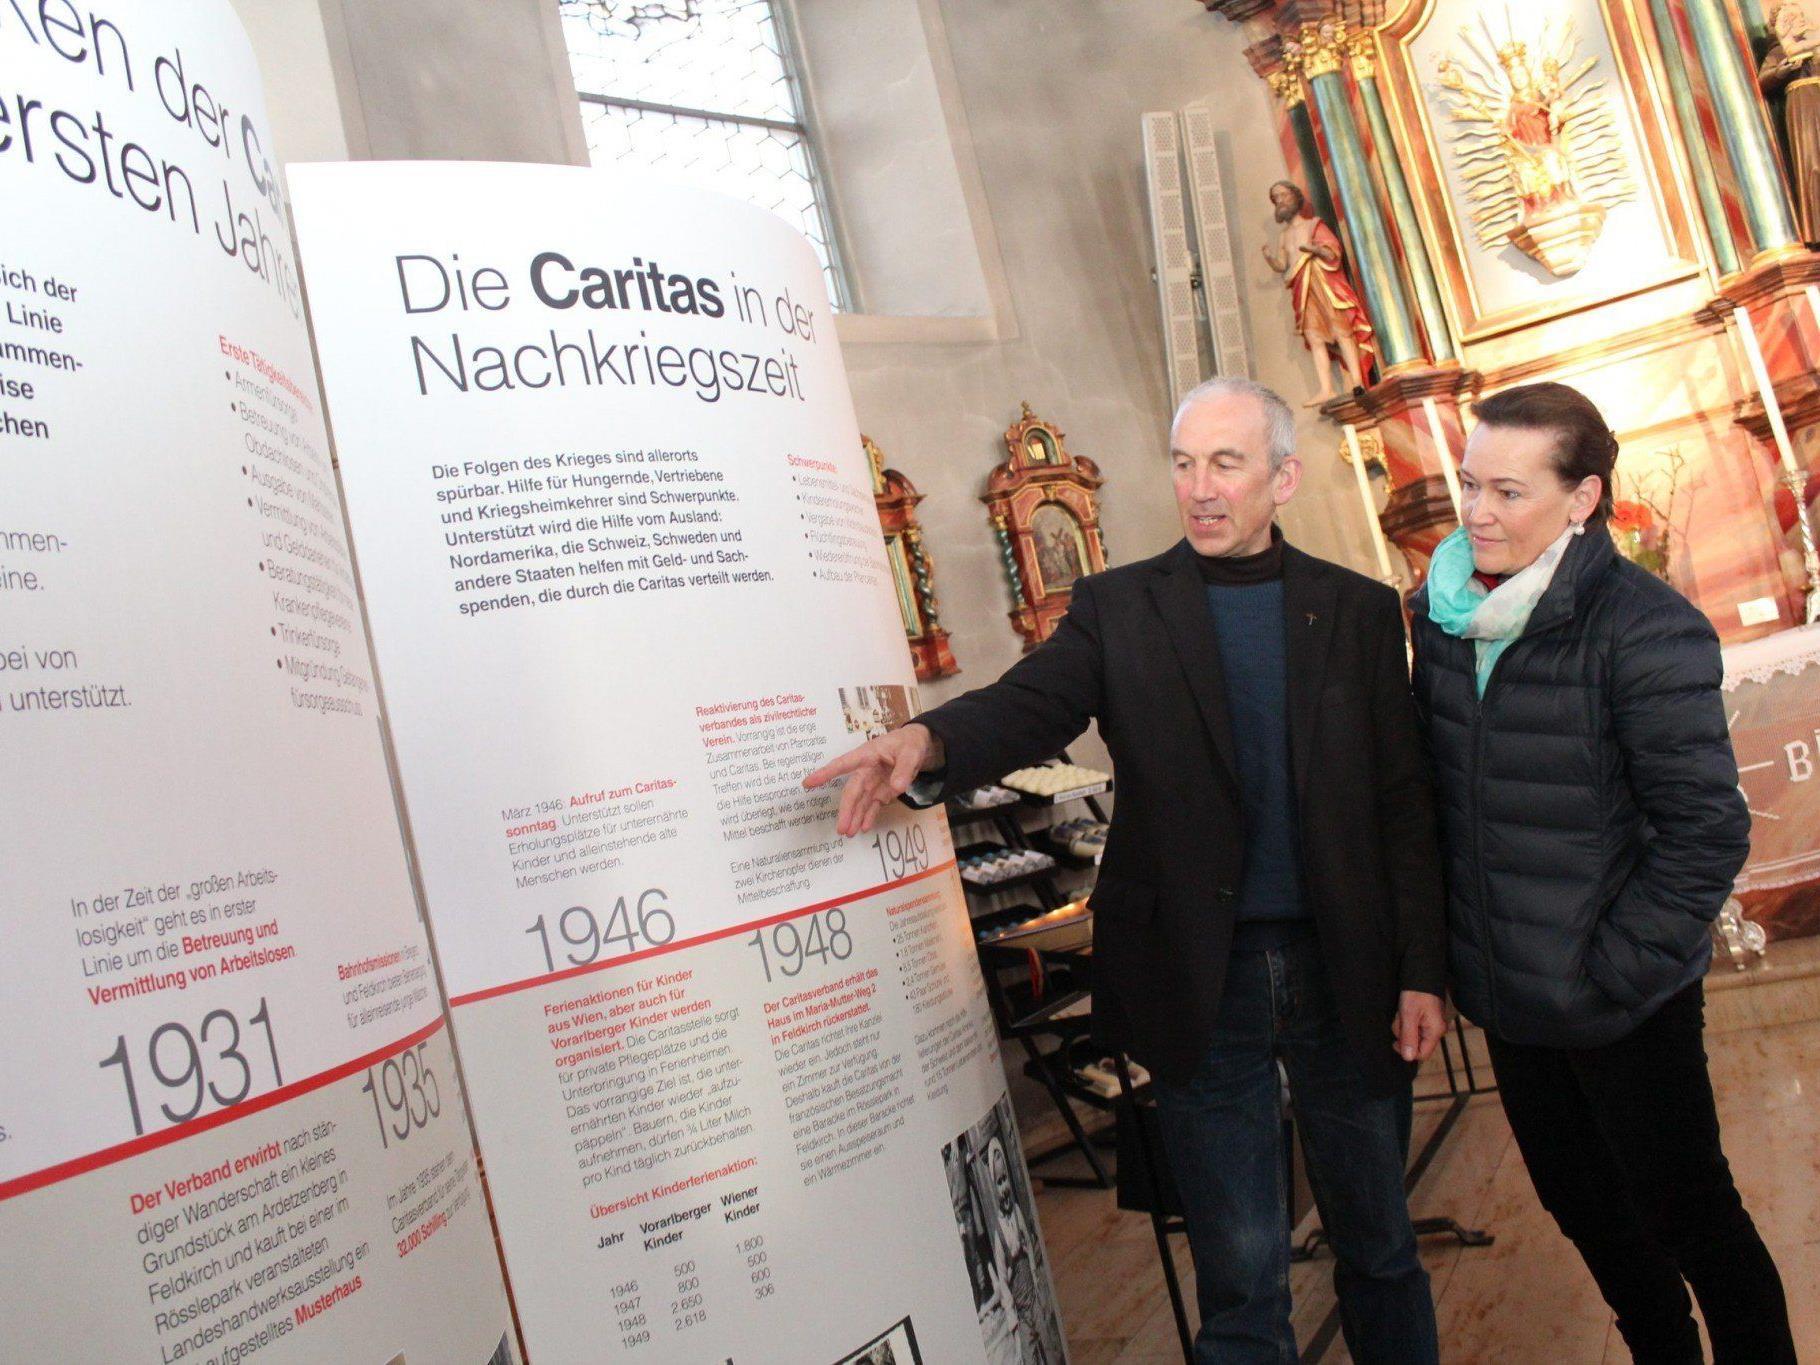 Pfarrer Paul Burtscher brachte die Caritas-Ausstellung nach Bildstein.